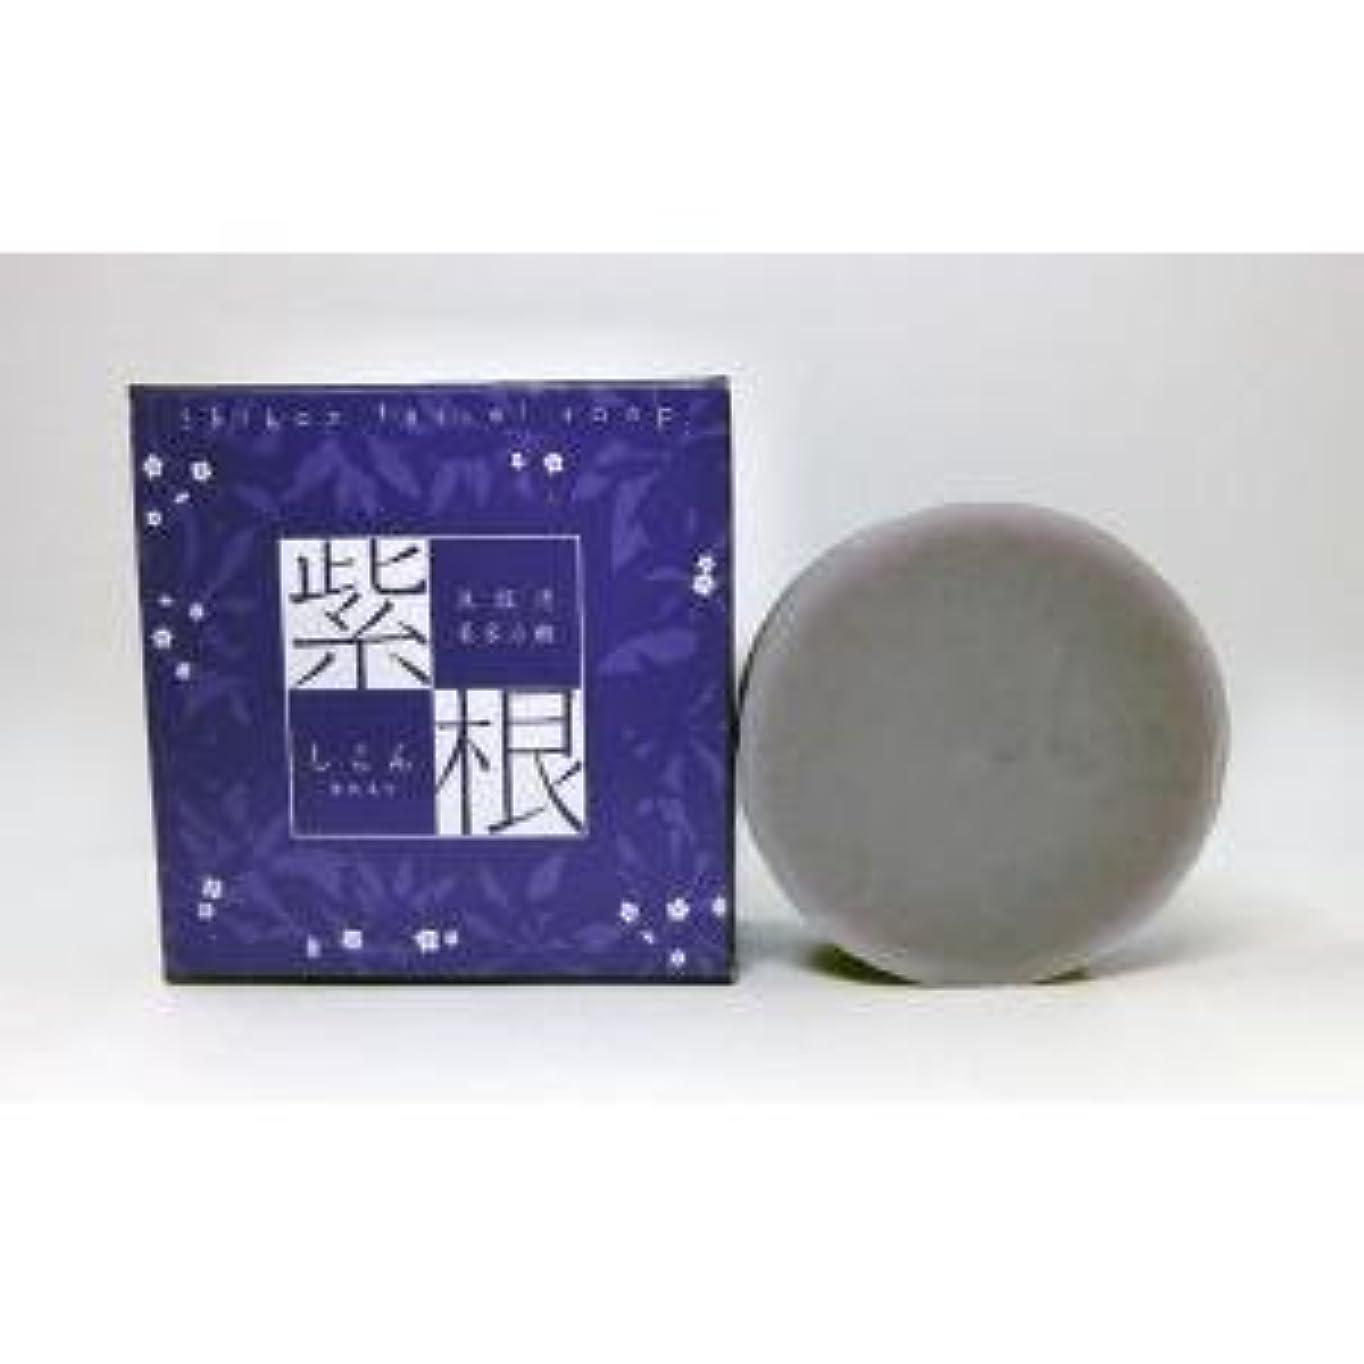 読書をする教室渇き紫根石鹸 100g×5個セット